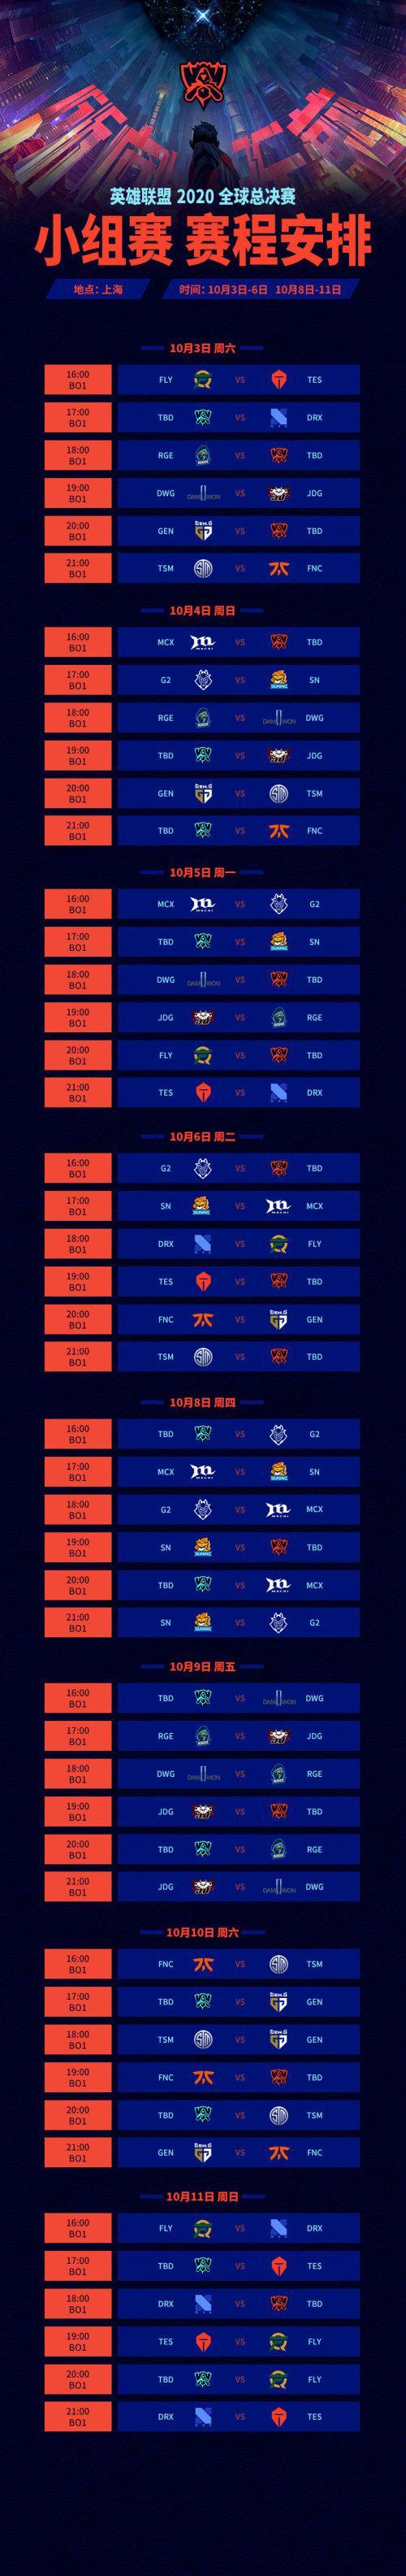 《【煜星平台网站】S10赛程公布:入围赛首日LGD登场 TES在10.3日迎来首秀》